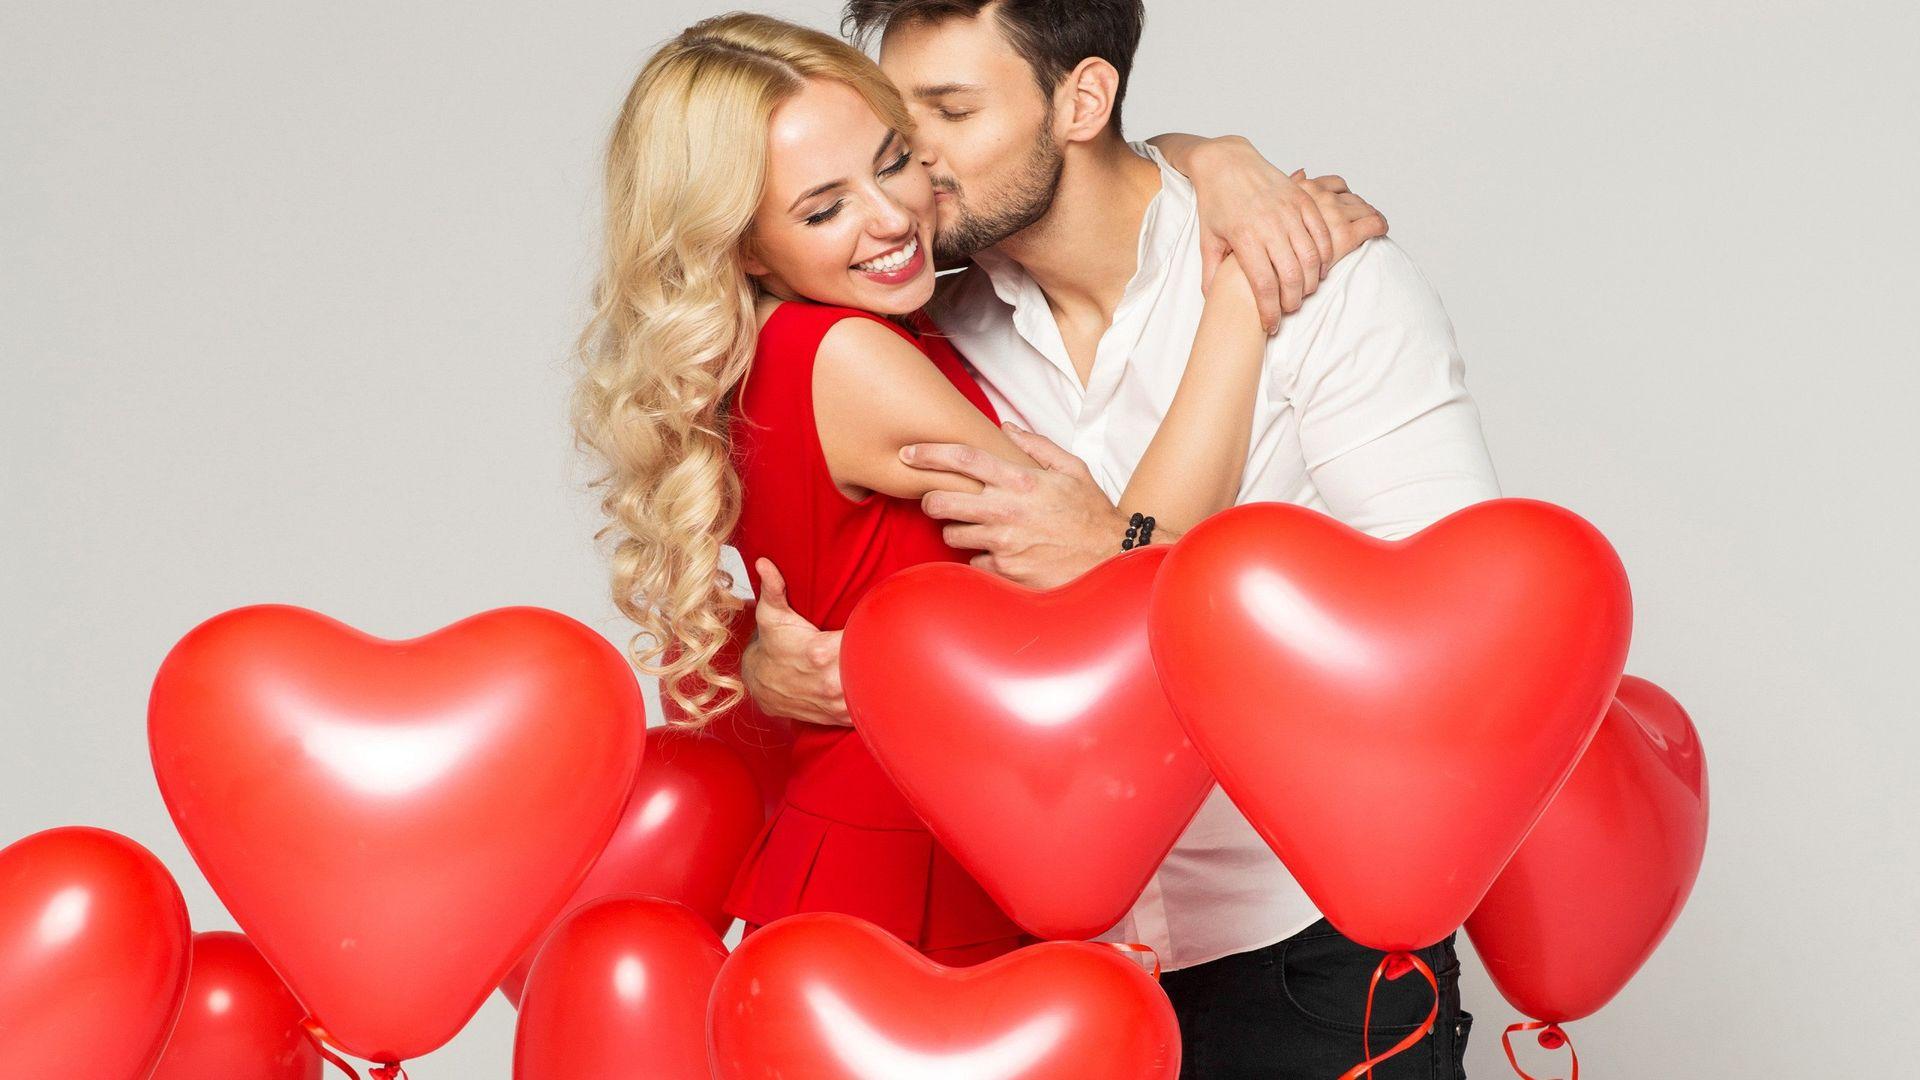 Подарунок для коханої жінки та дівчини до Дня святого Валентина